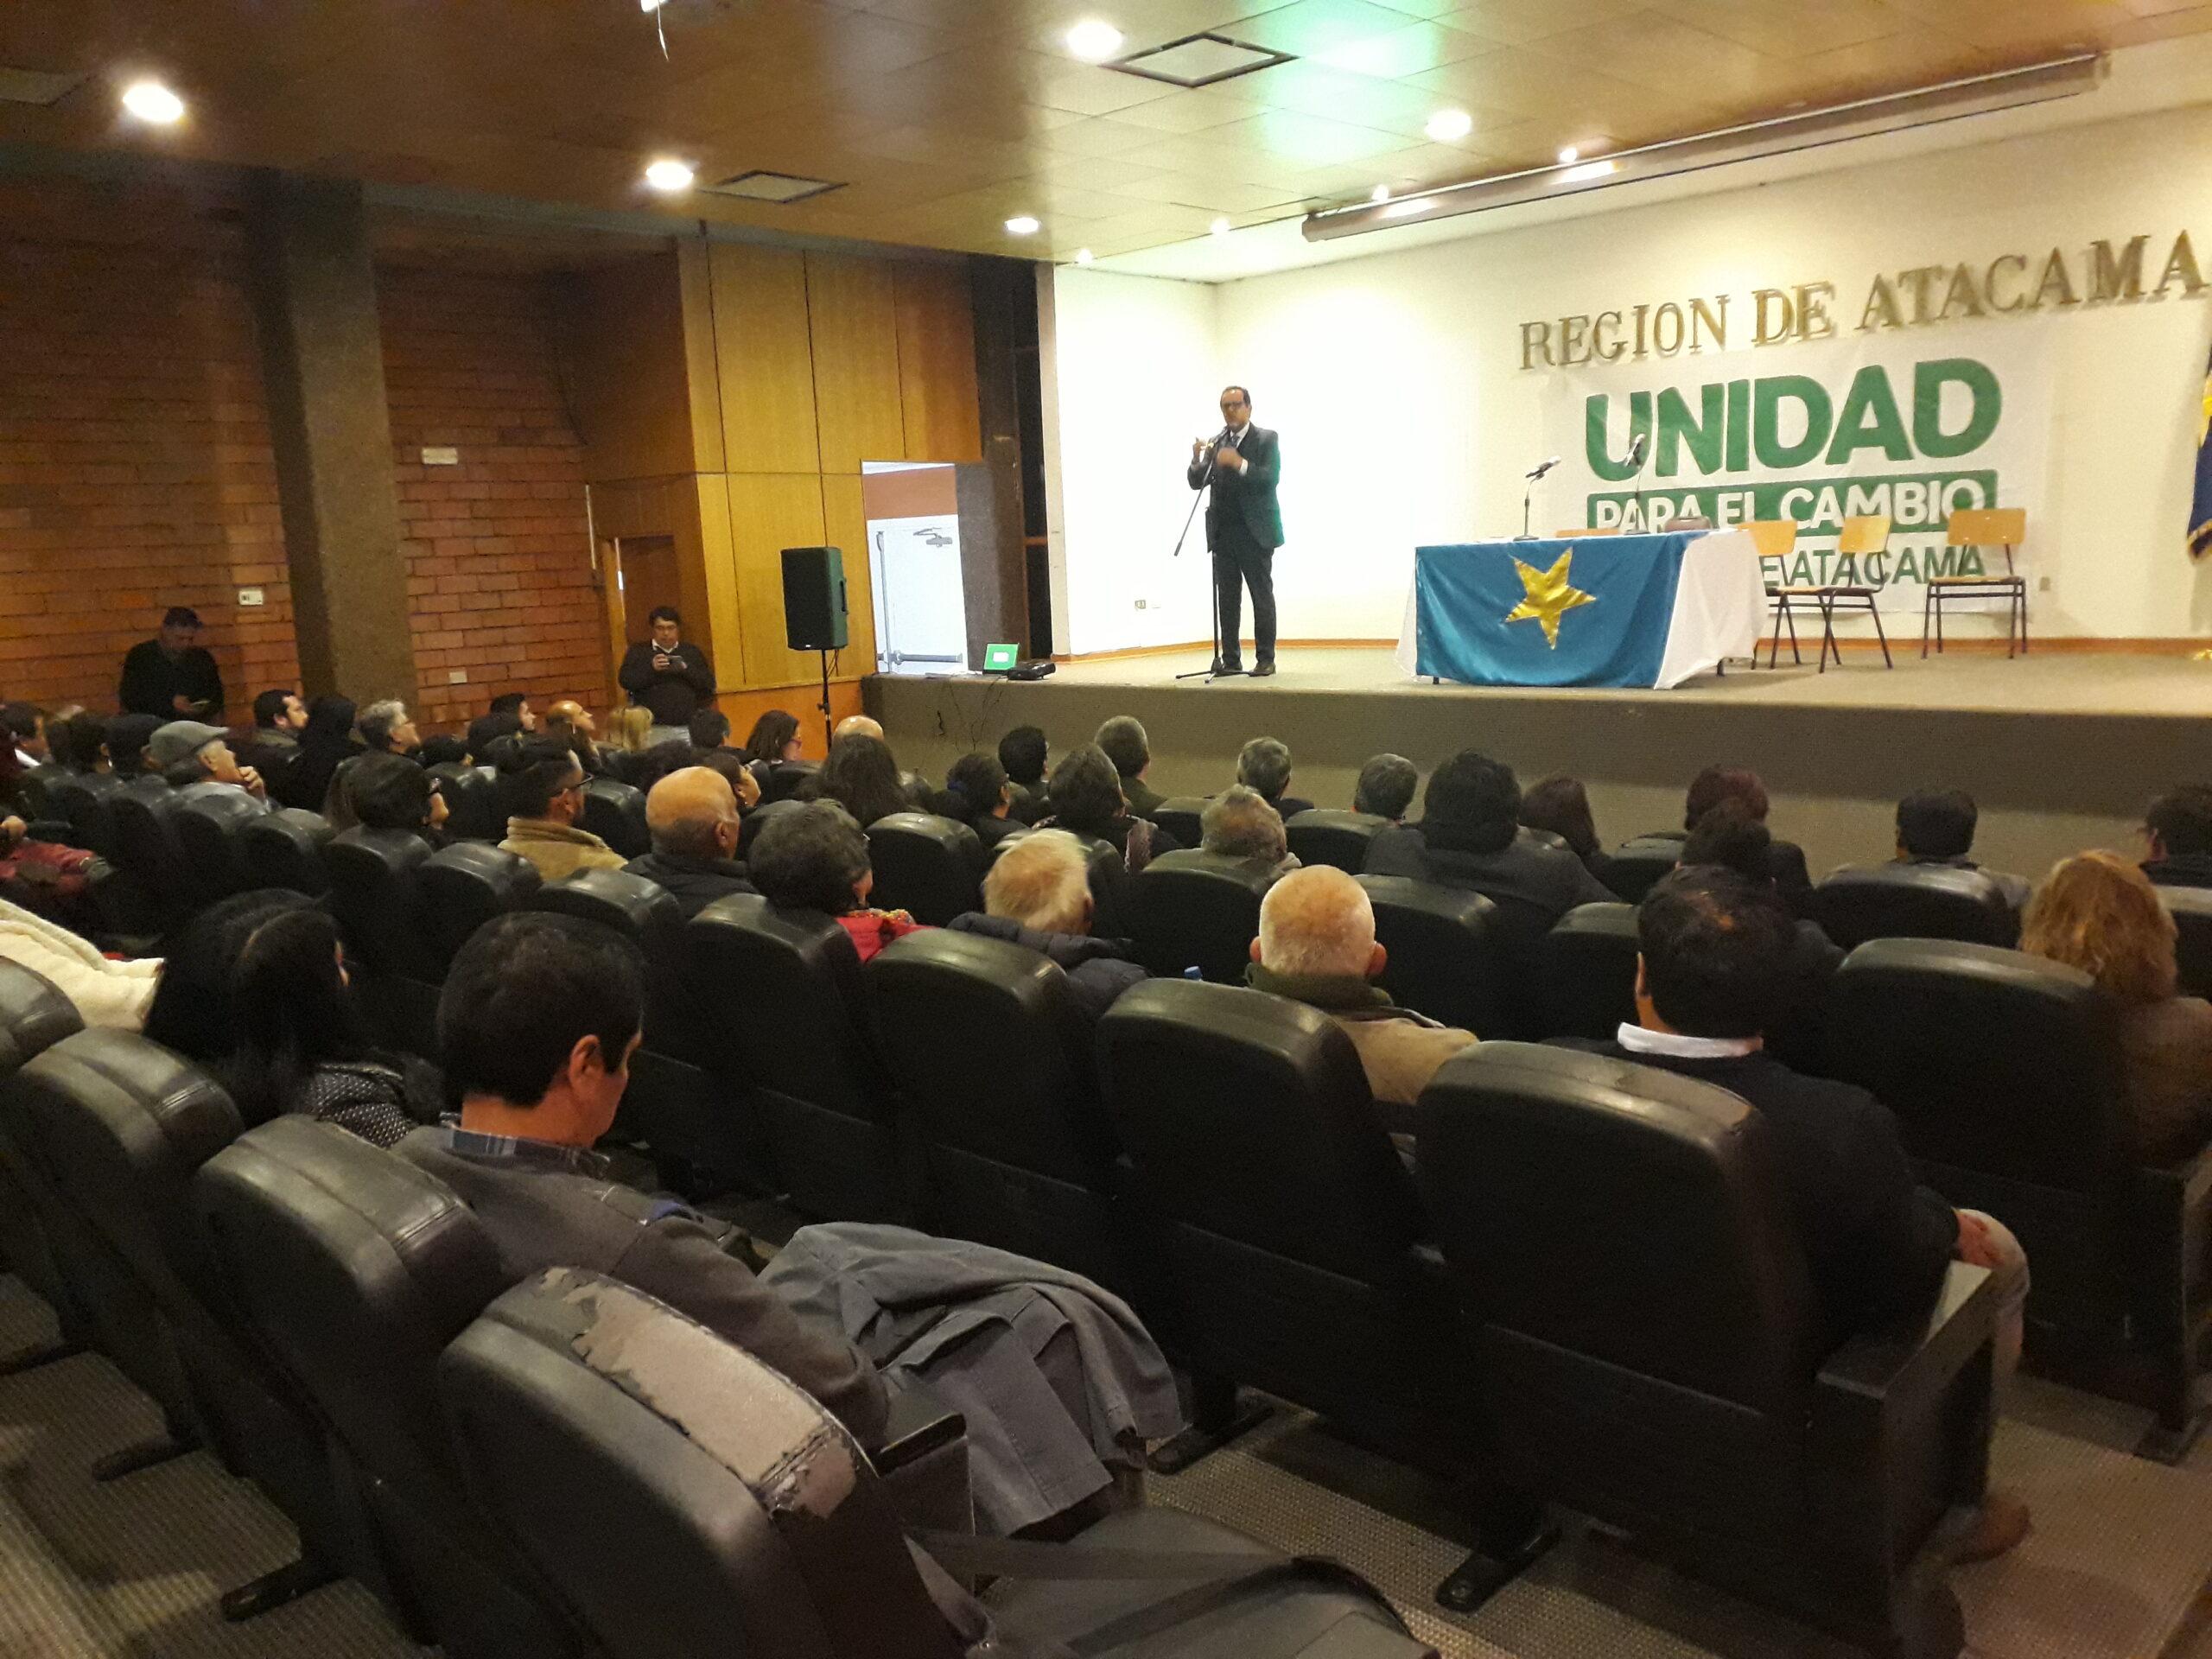 Coalición Unidad para el Cambio de Atacama llama al resto de la oposición a realizar Primarias Convencionales para la elección de Gobernadores Regionales